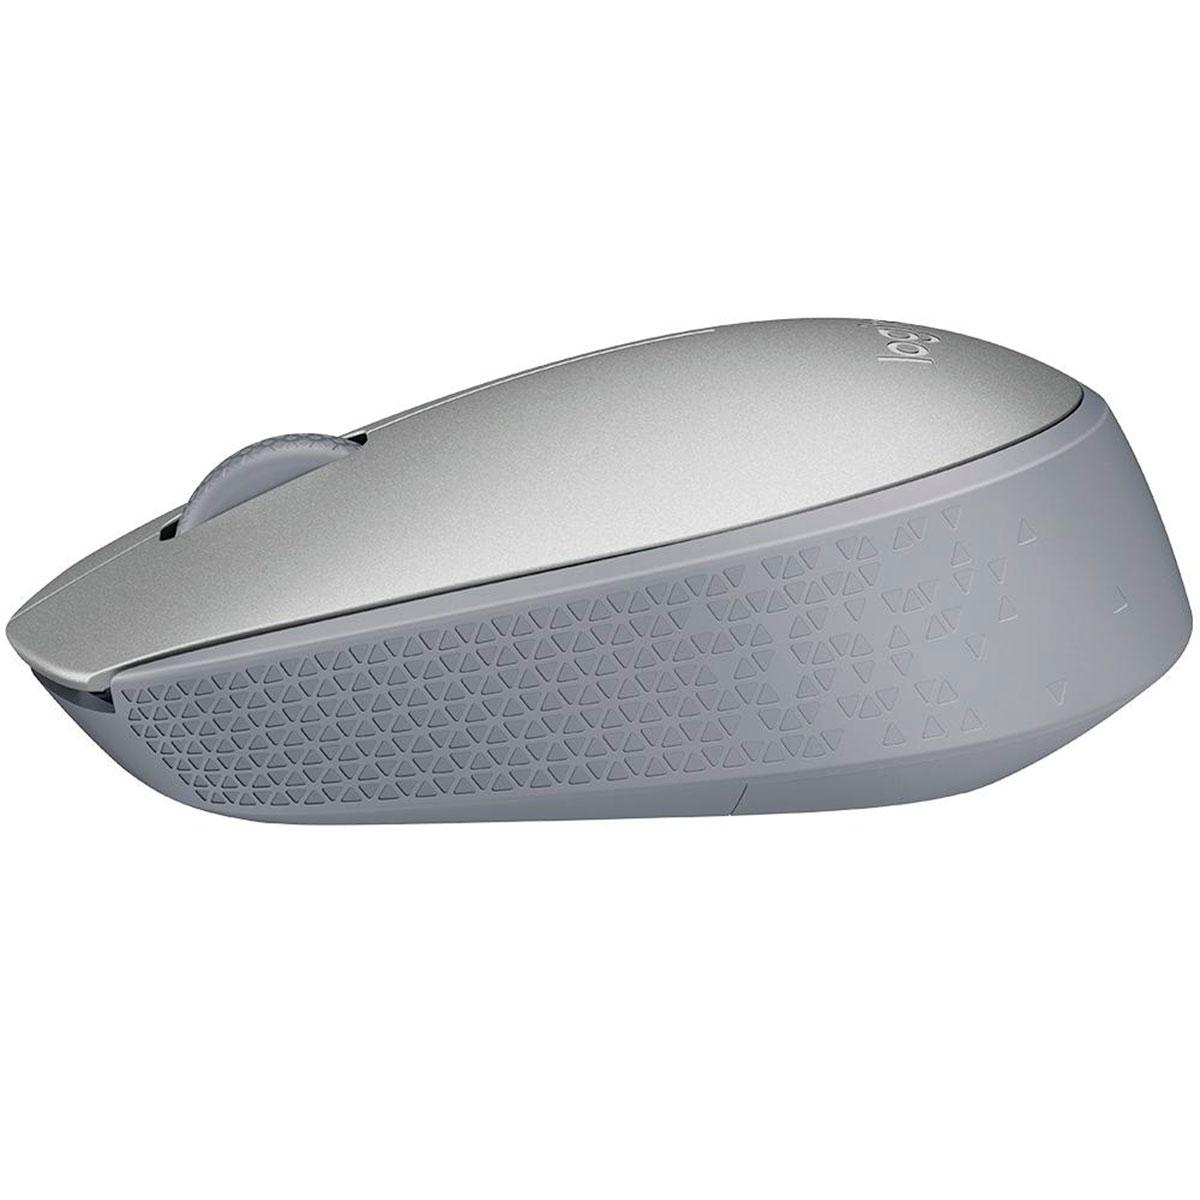 Mouse Logitech M170 Prata Wireless